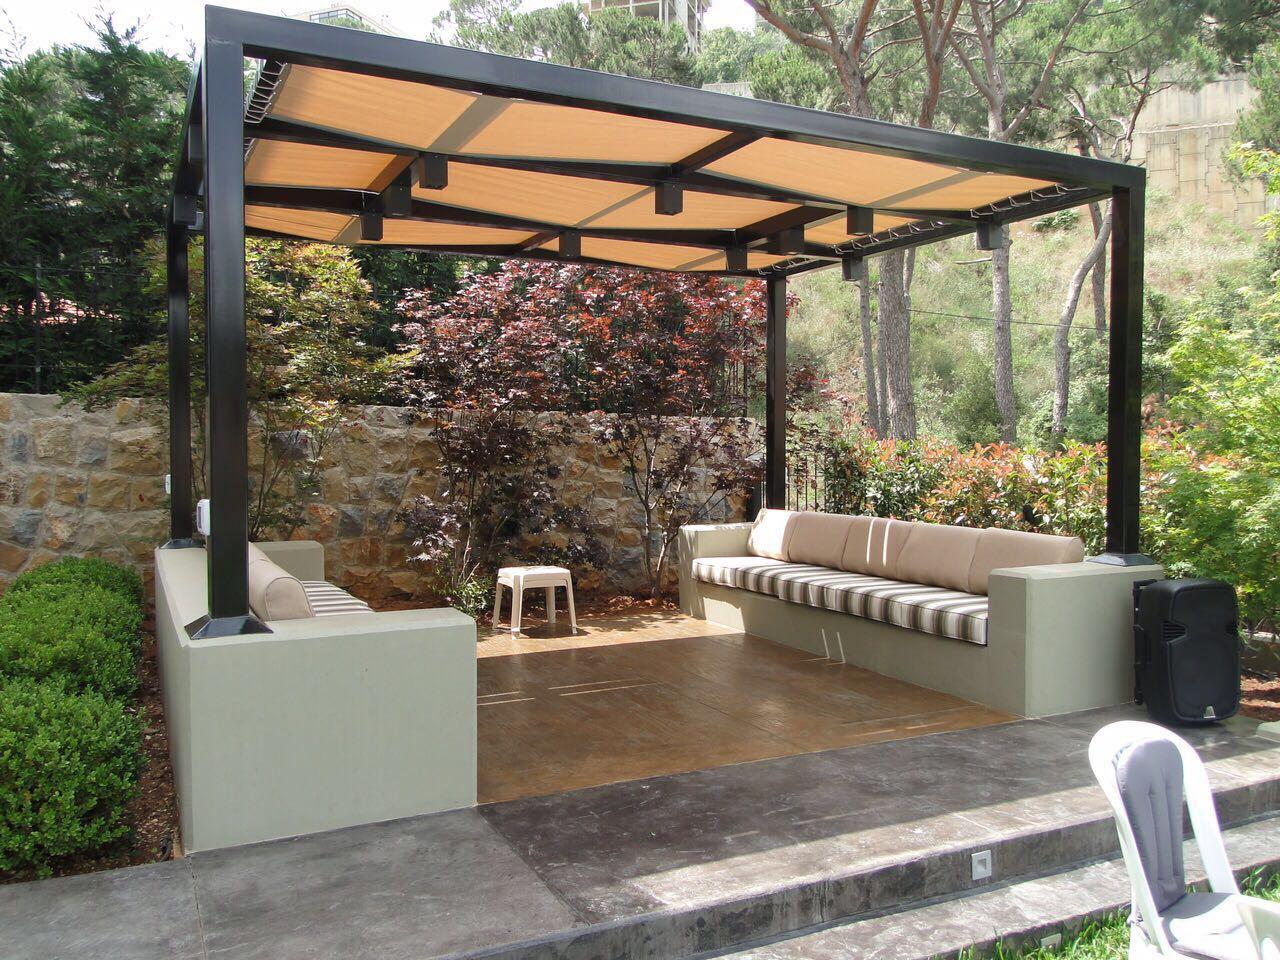 Mountain View Garden Floor For Sale In Baabdat - ICAR Wakim